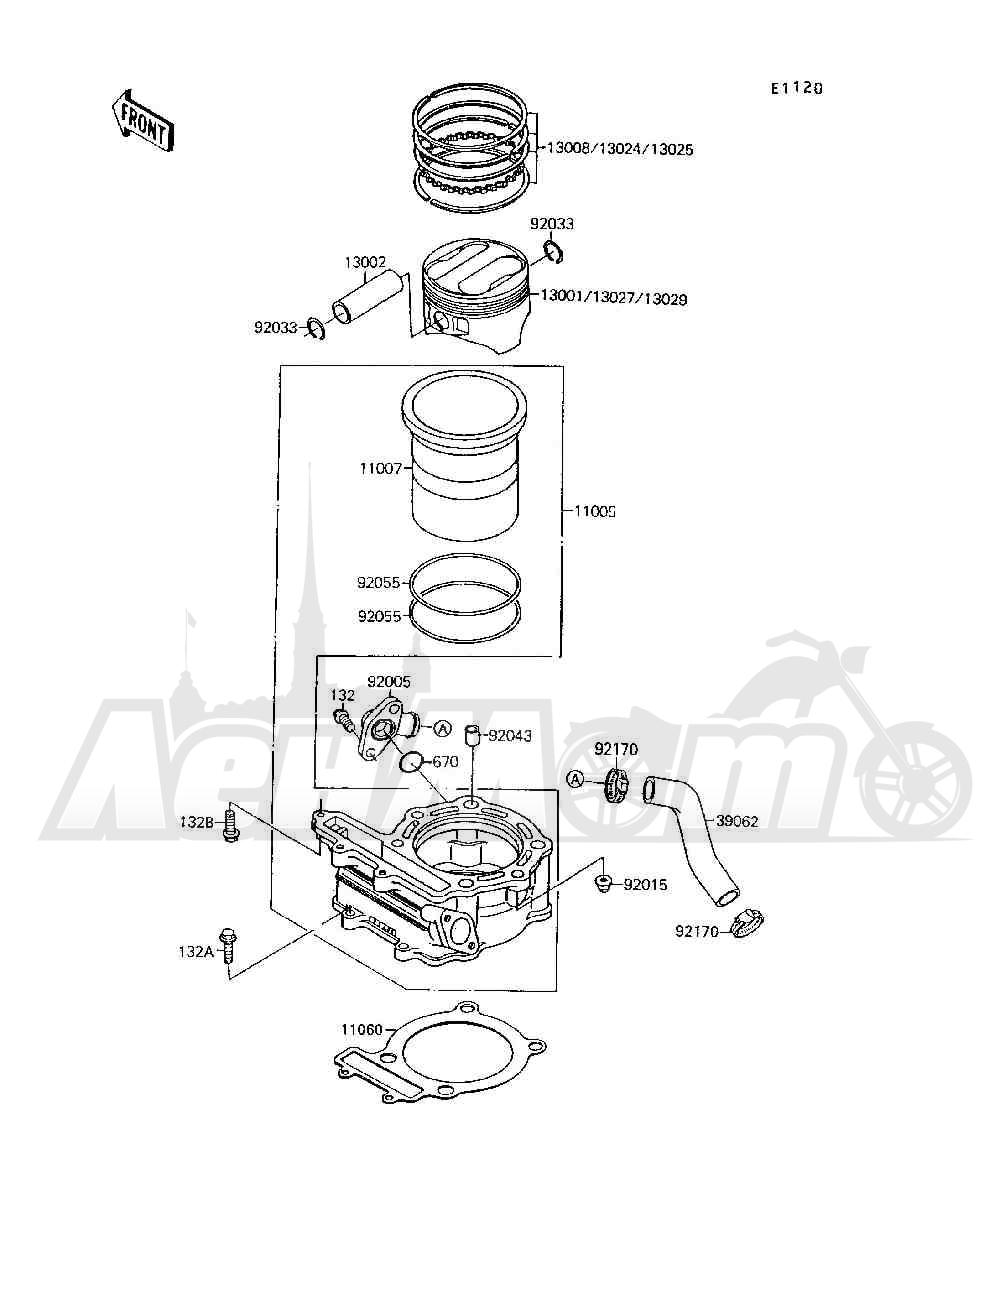 Запчасти для Квадроцикла Kawasaki 1994 MOJAVE 250 (KSF250-A8) Раздел: CYLINDER / PISTON(S) | цилиндр/поршень (S)